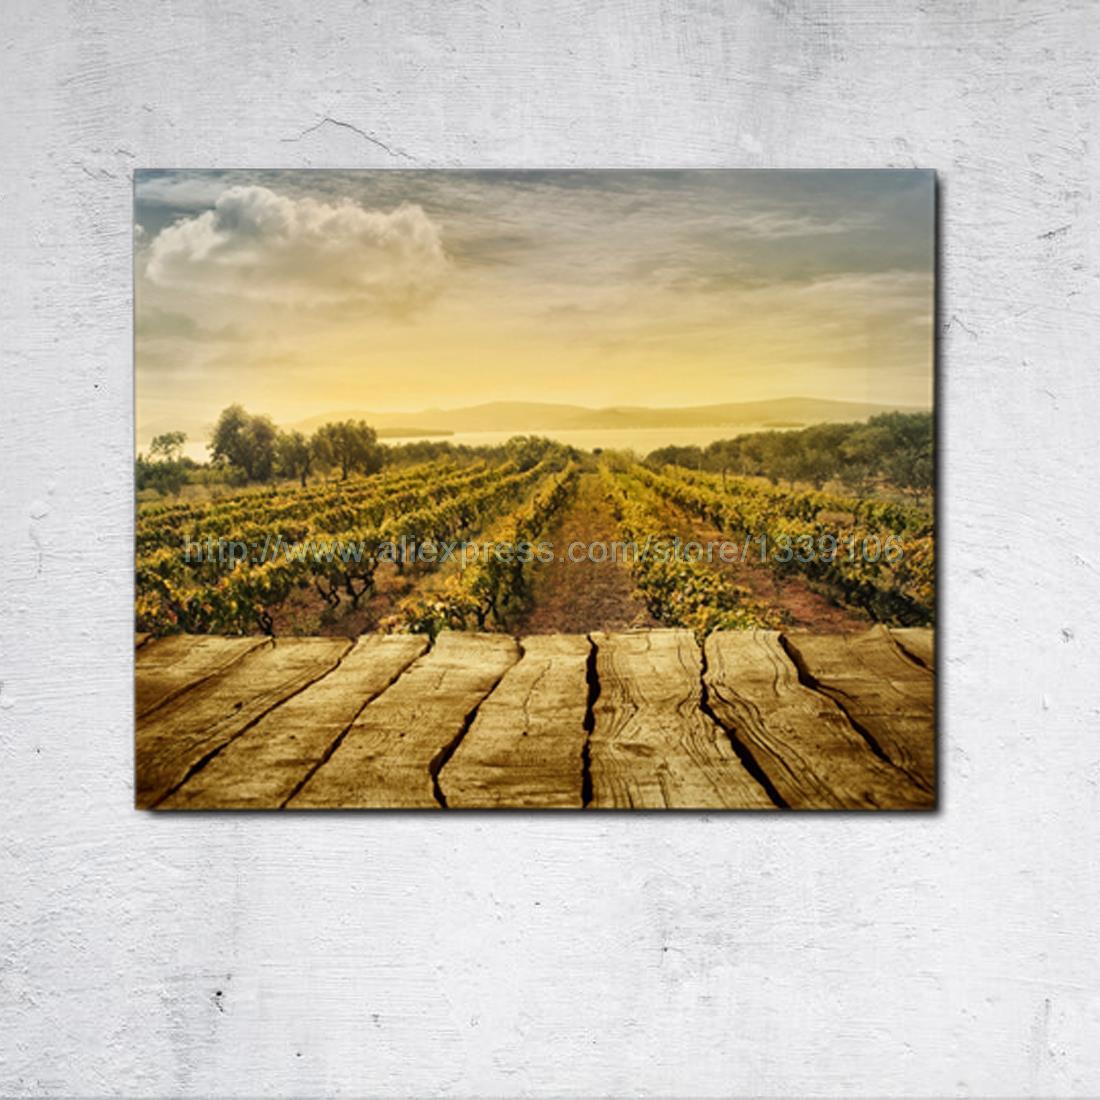 unframed 1 stuk zonsondergang landbouwgrond print custom canvas schilderij voor slaapkamer decoratieve 1 vliegtuig muur pictures